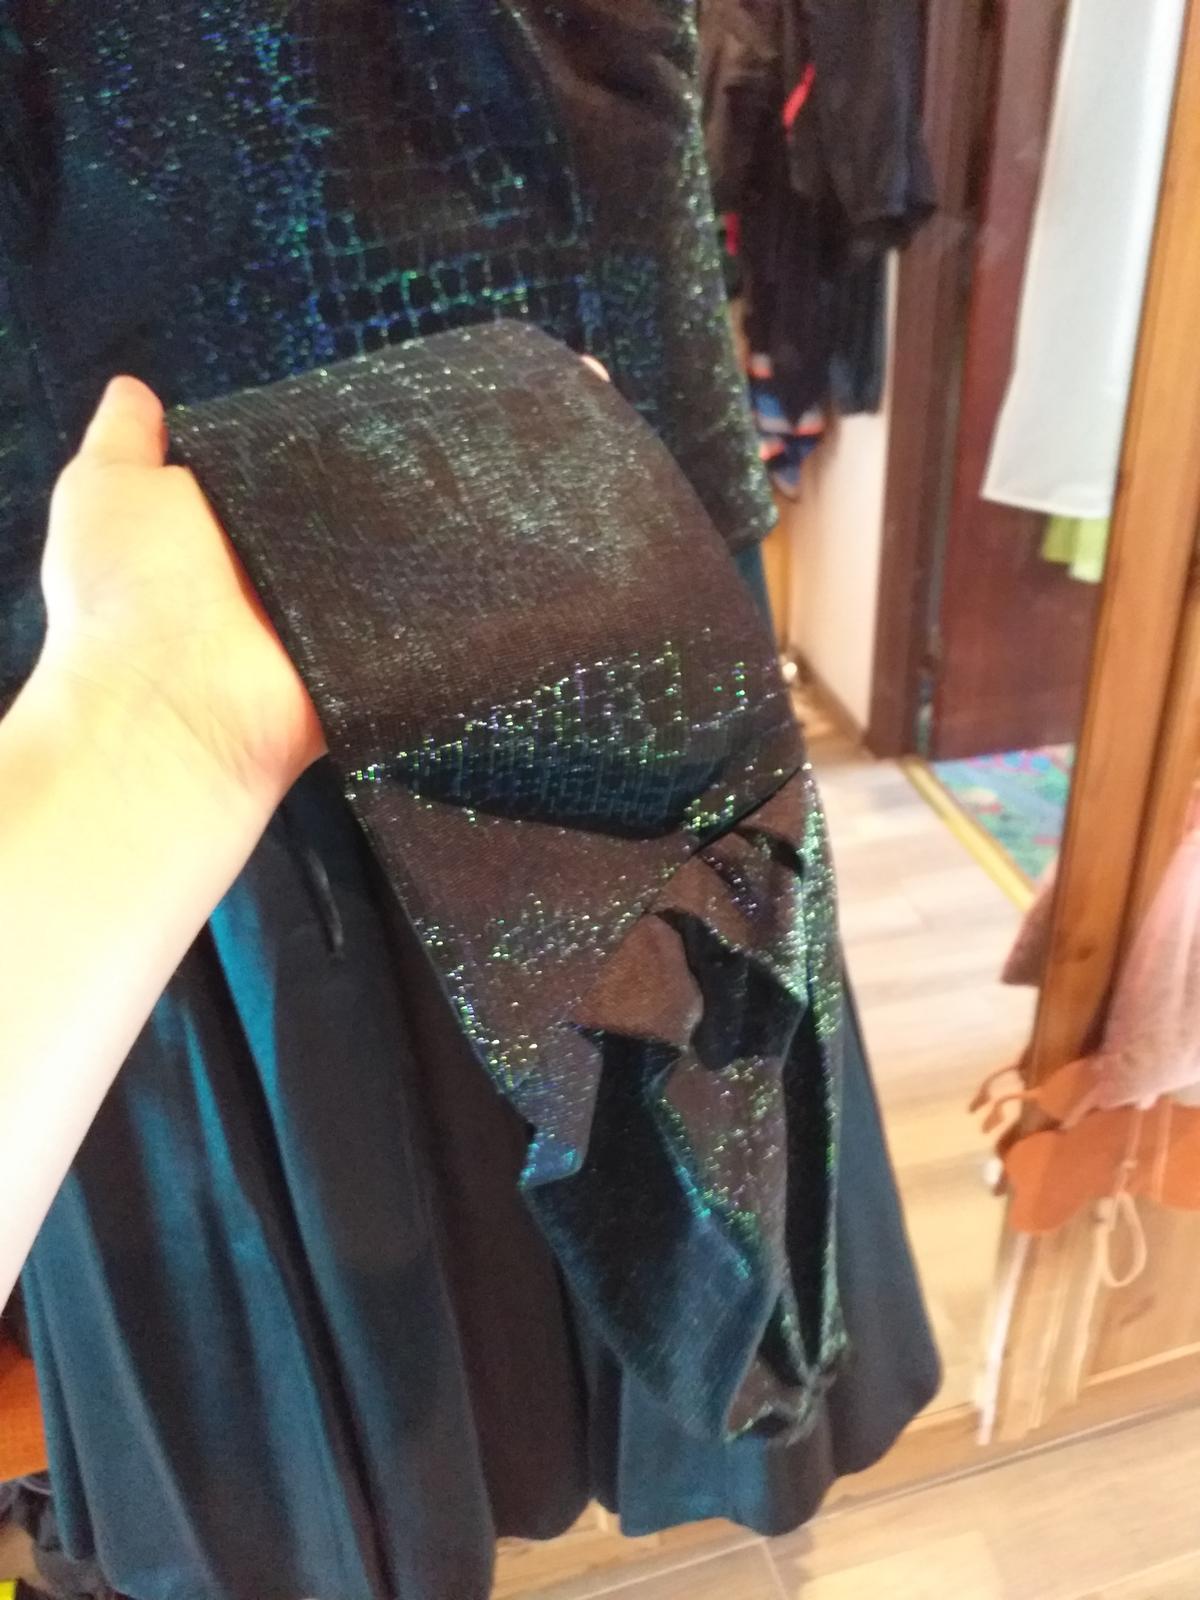 Tmavozelené šaty  - Obrázok č. 3